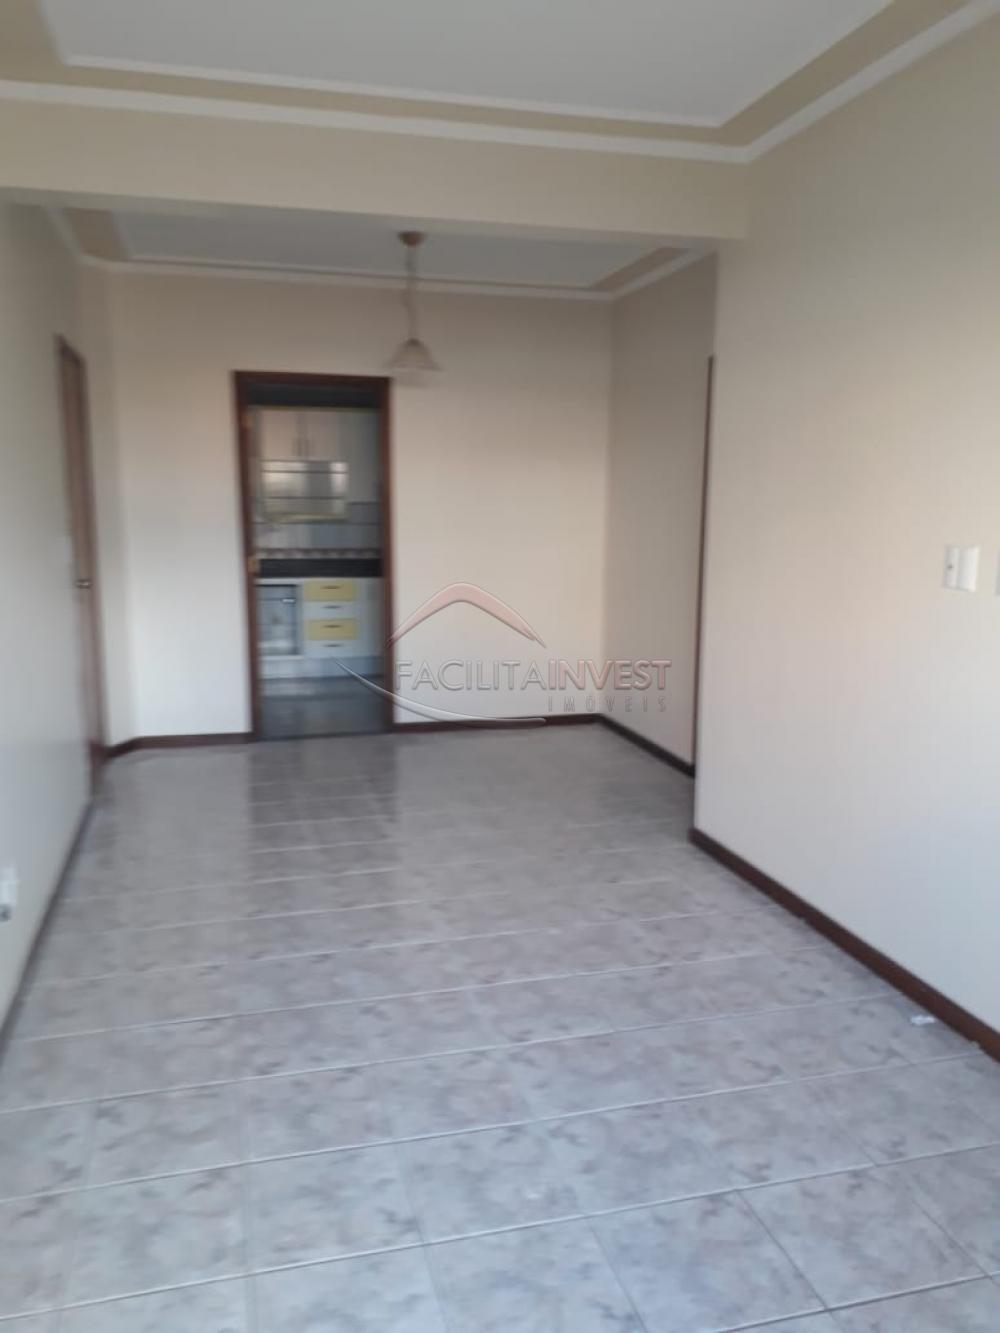 Comprar Apartamentos / Apart. Padrão em Ribeirão Preto apenas R$ 279.000,00 - Foto 1